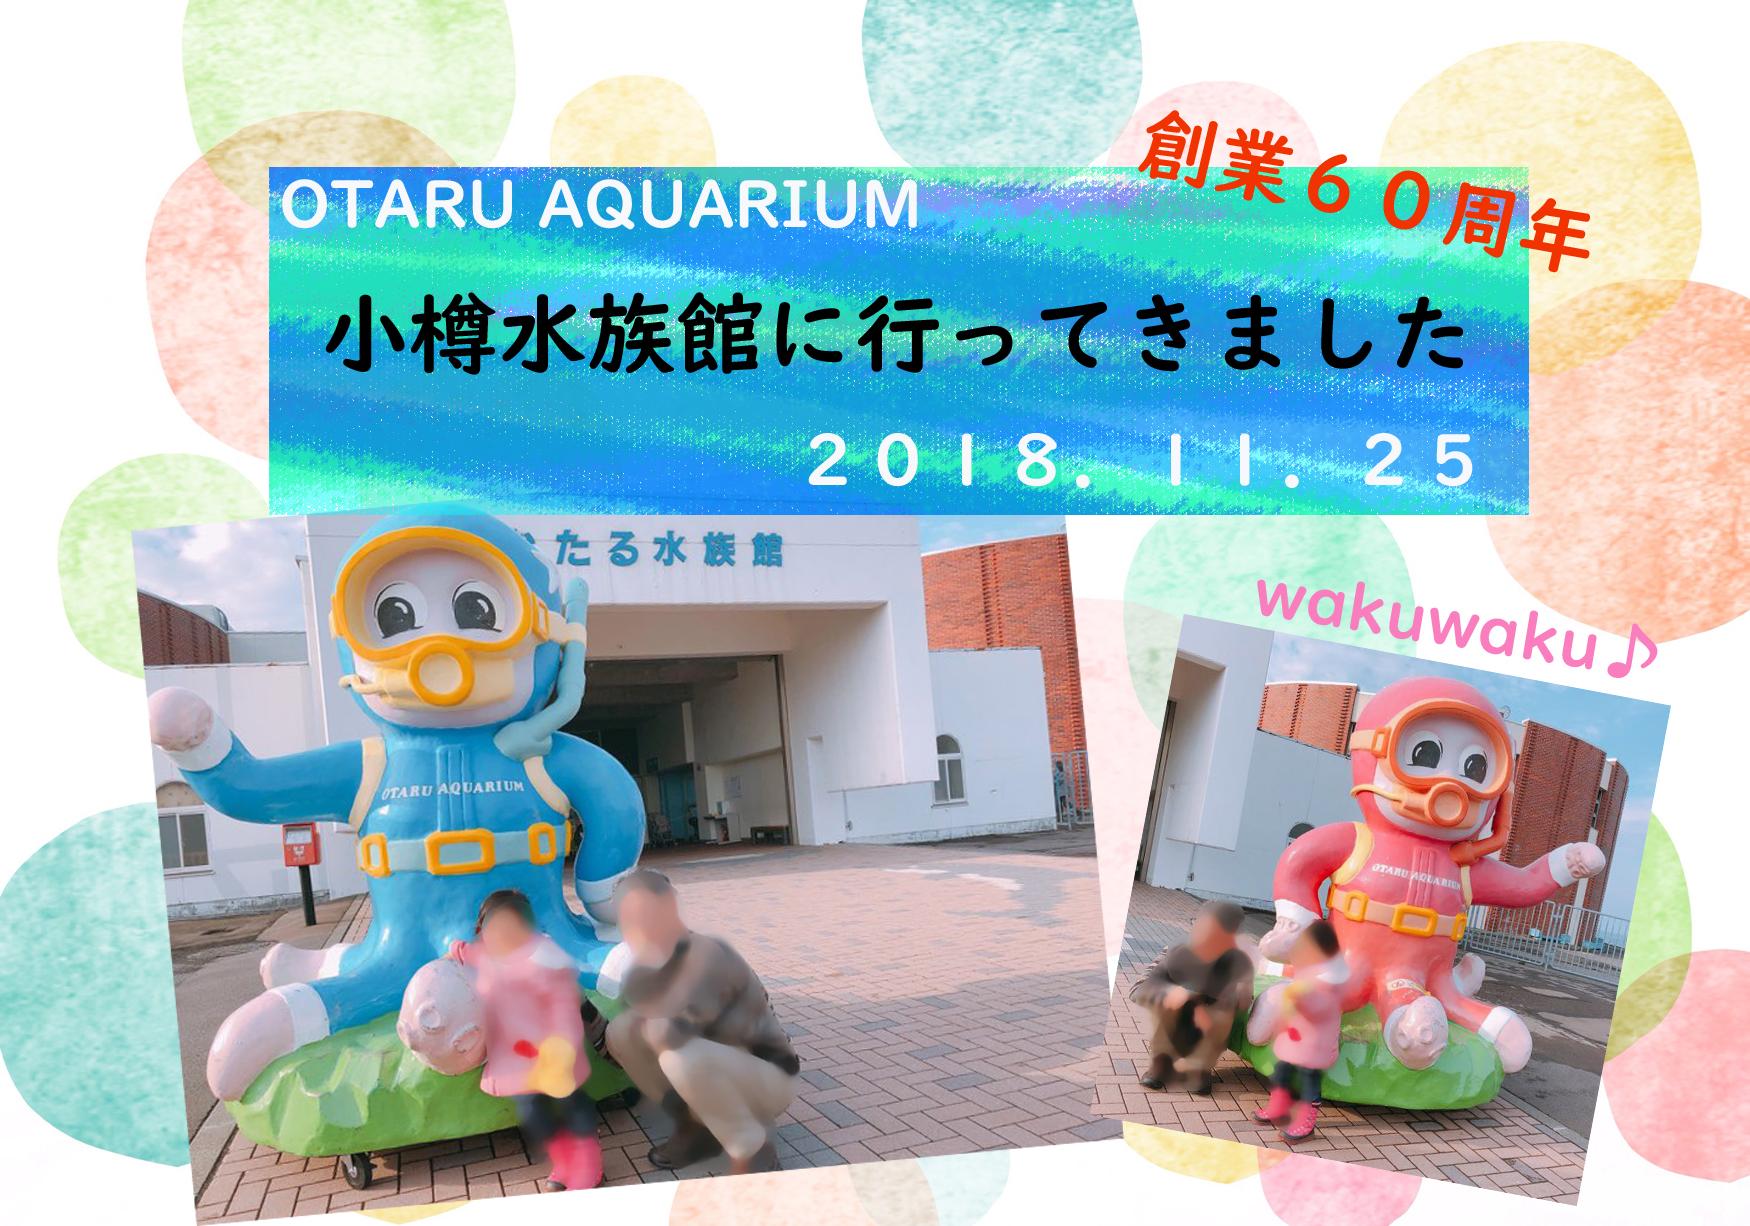 小樽水族館のショーは幼児も楽しめるのでオススメ♪